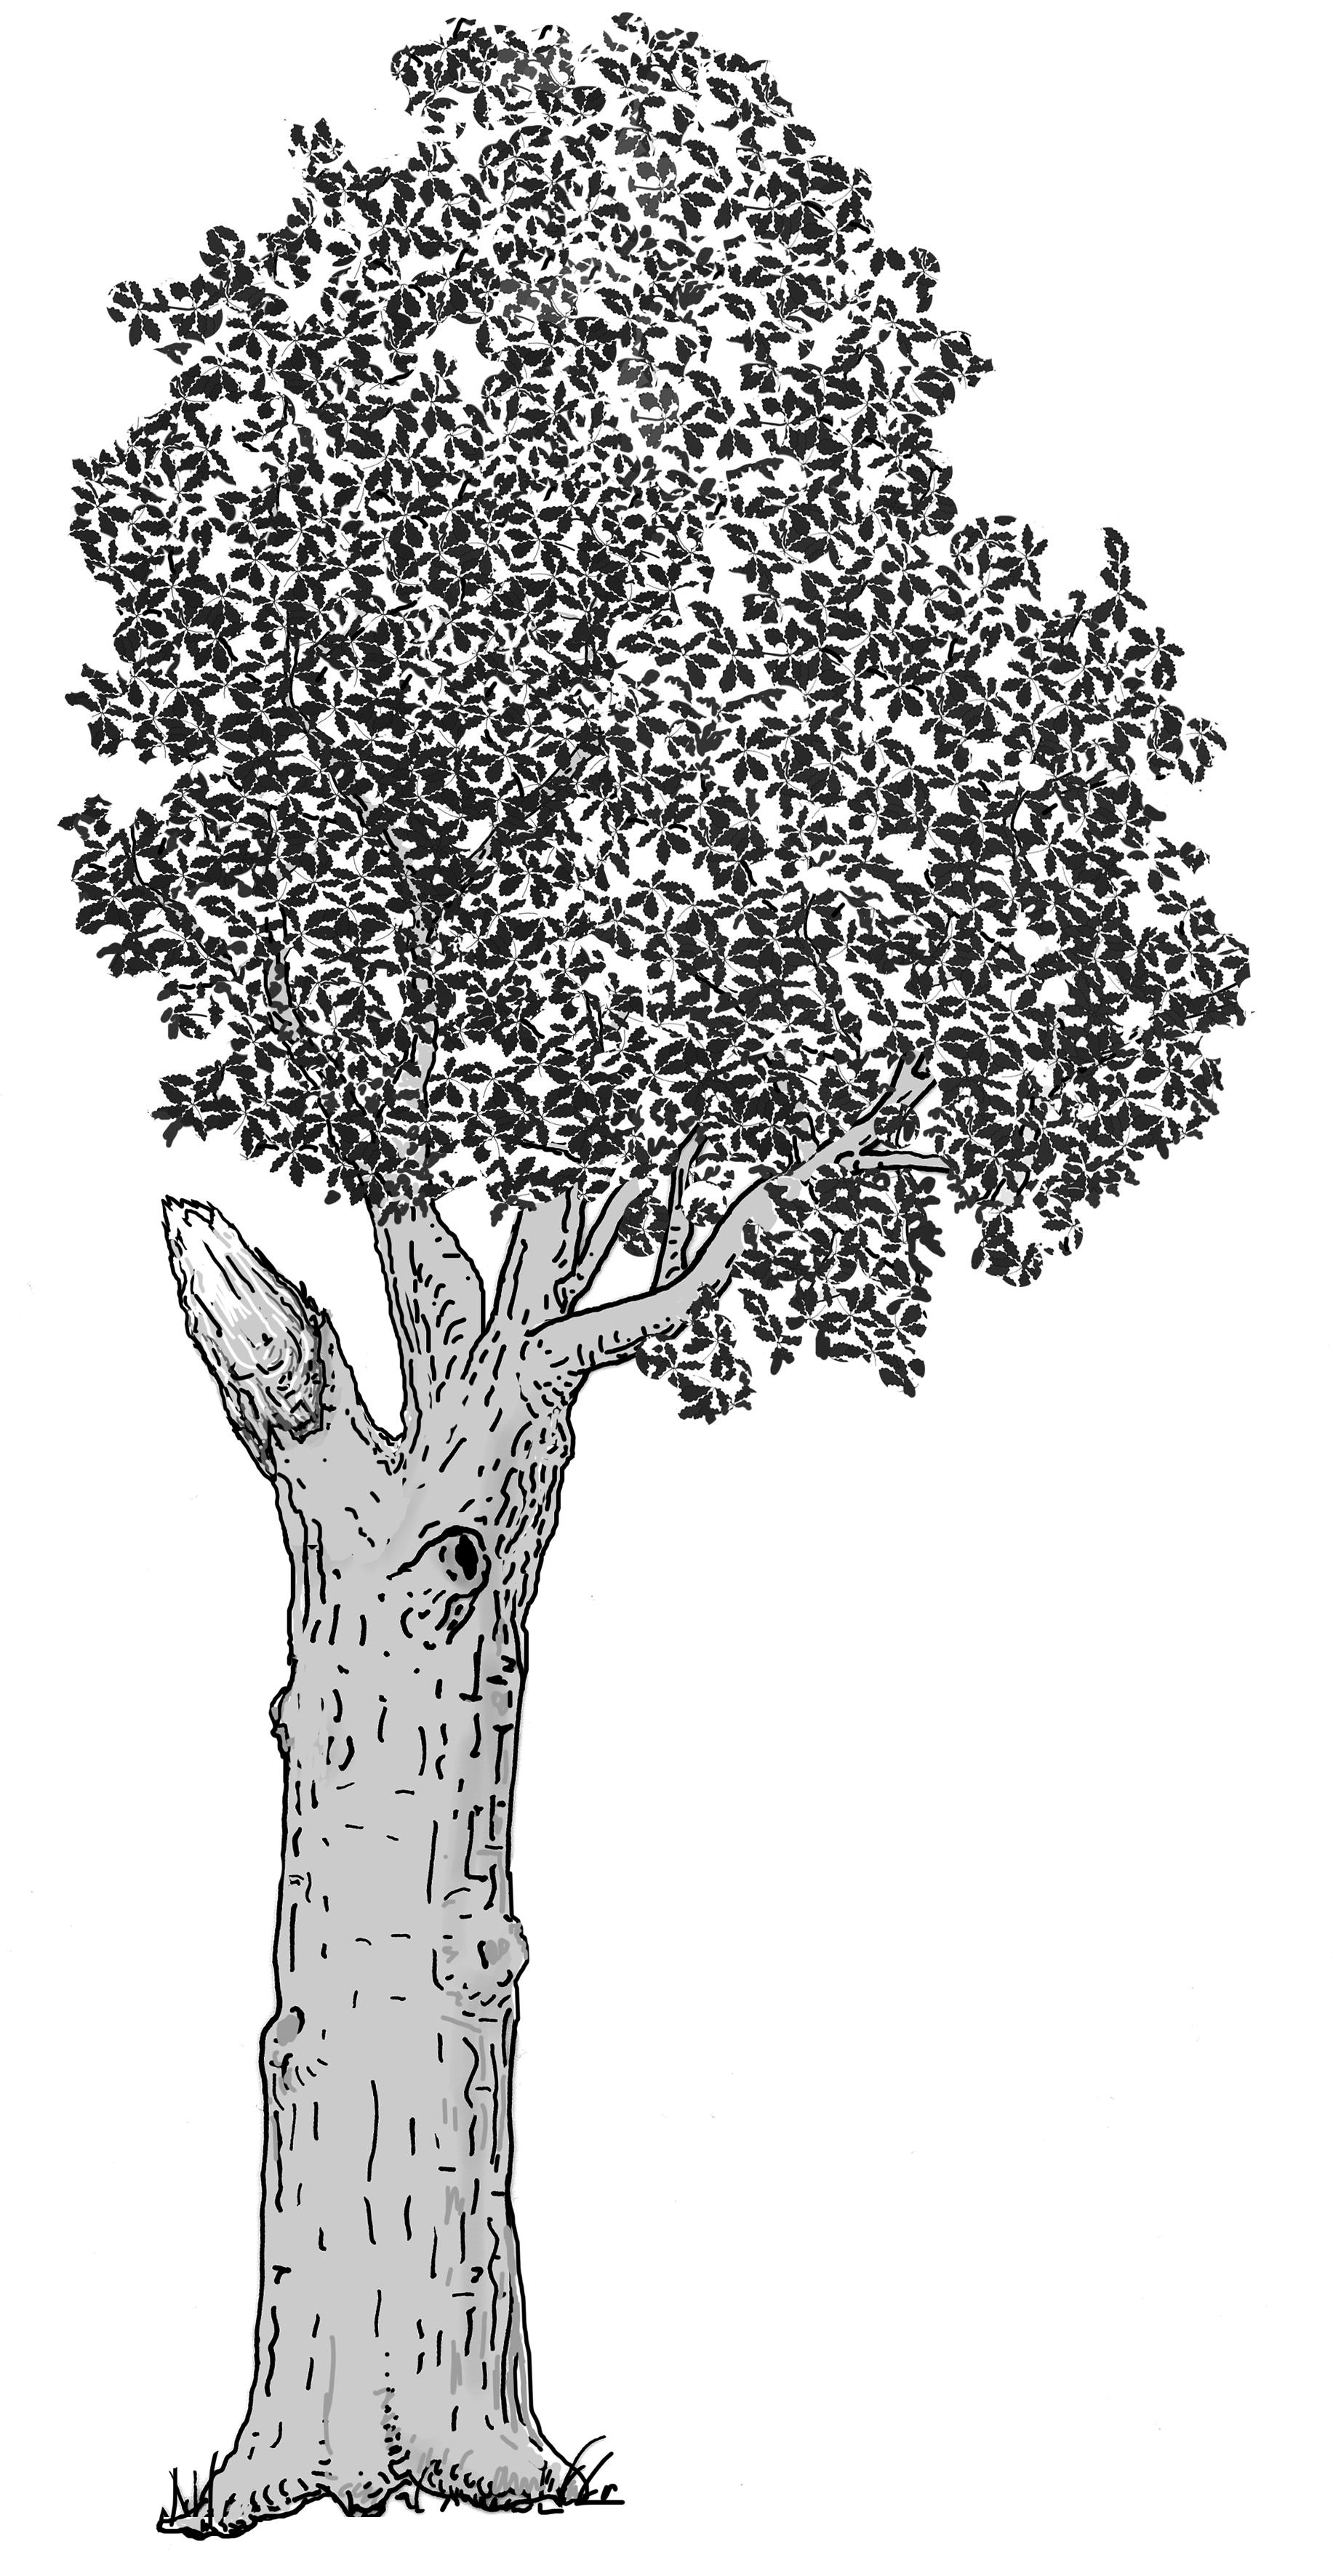 Teilkronenausbruch. Zeichnung W. Roloff